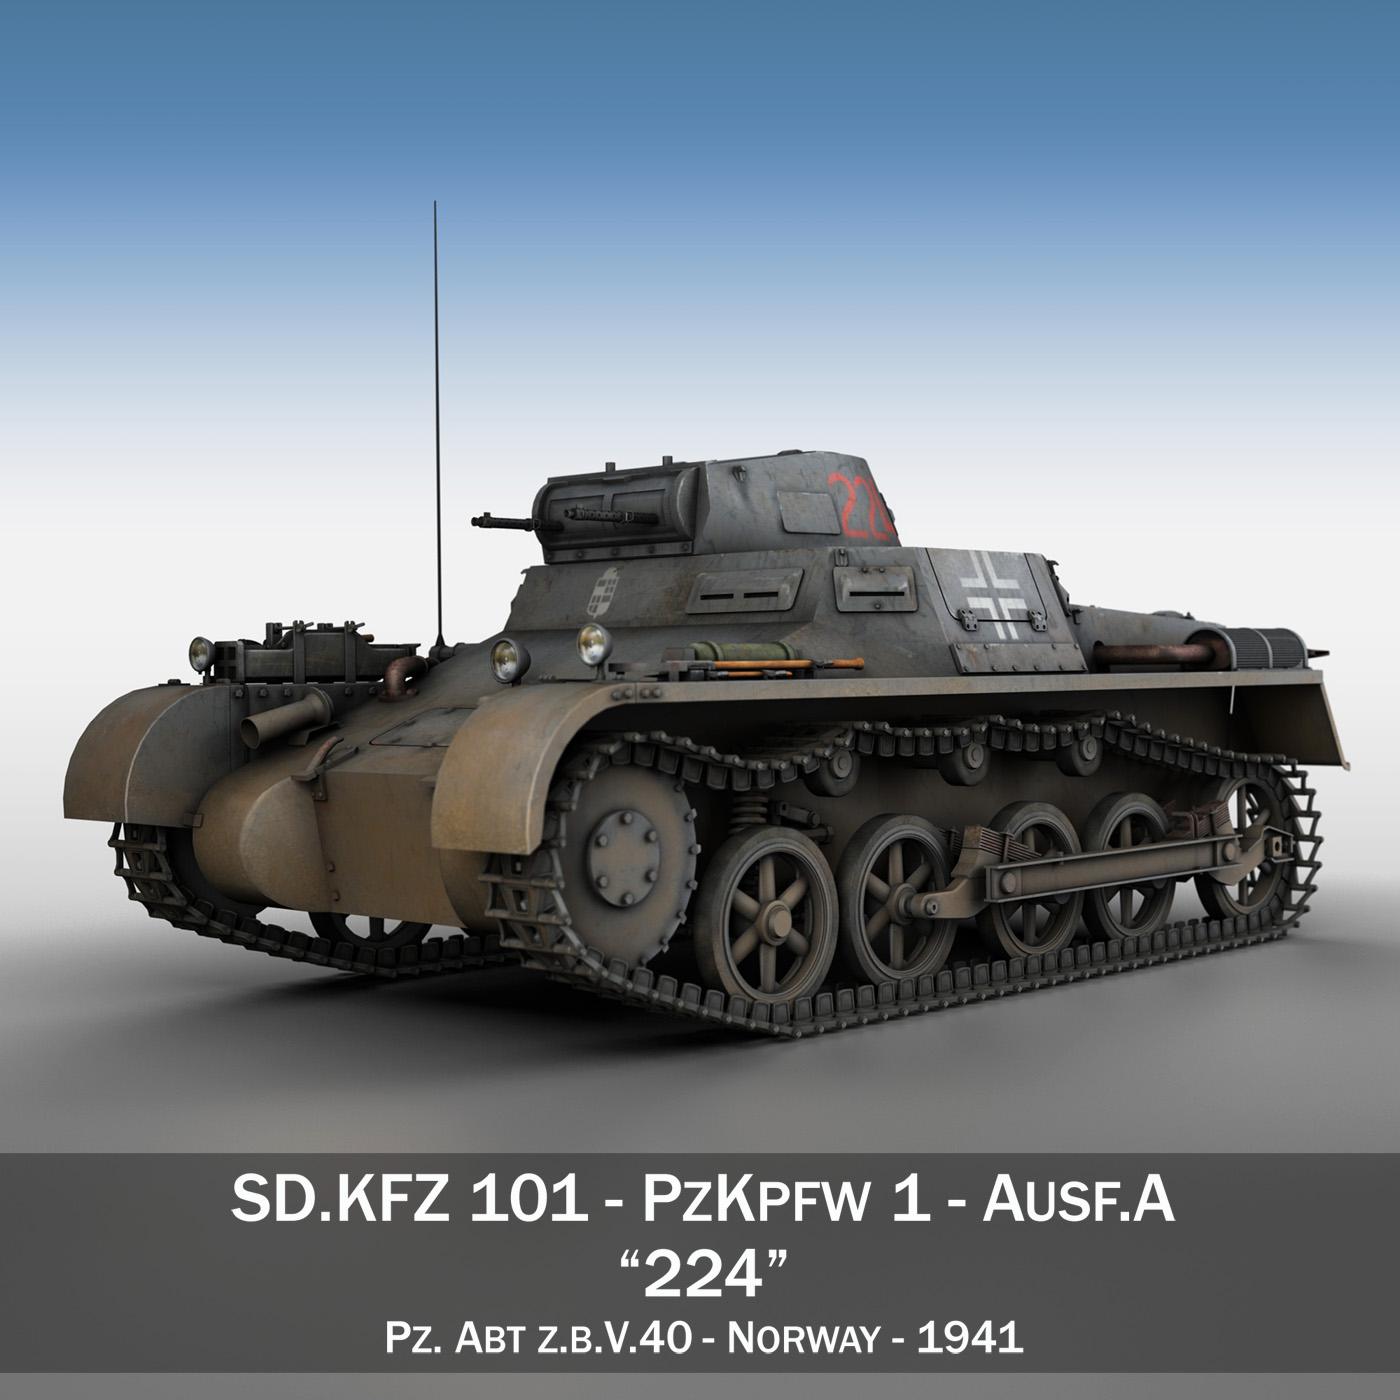 pzkpfw 1 - panzer 1 - ausf. a - Model 224 3d 3ds fbx c4d lwo obj 195072